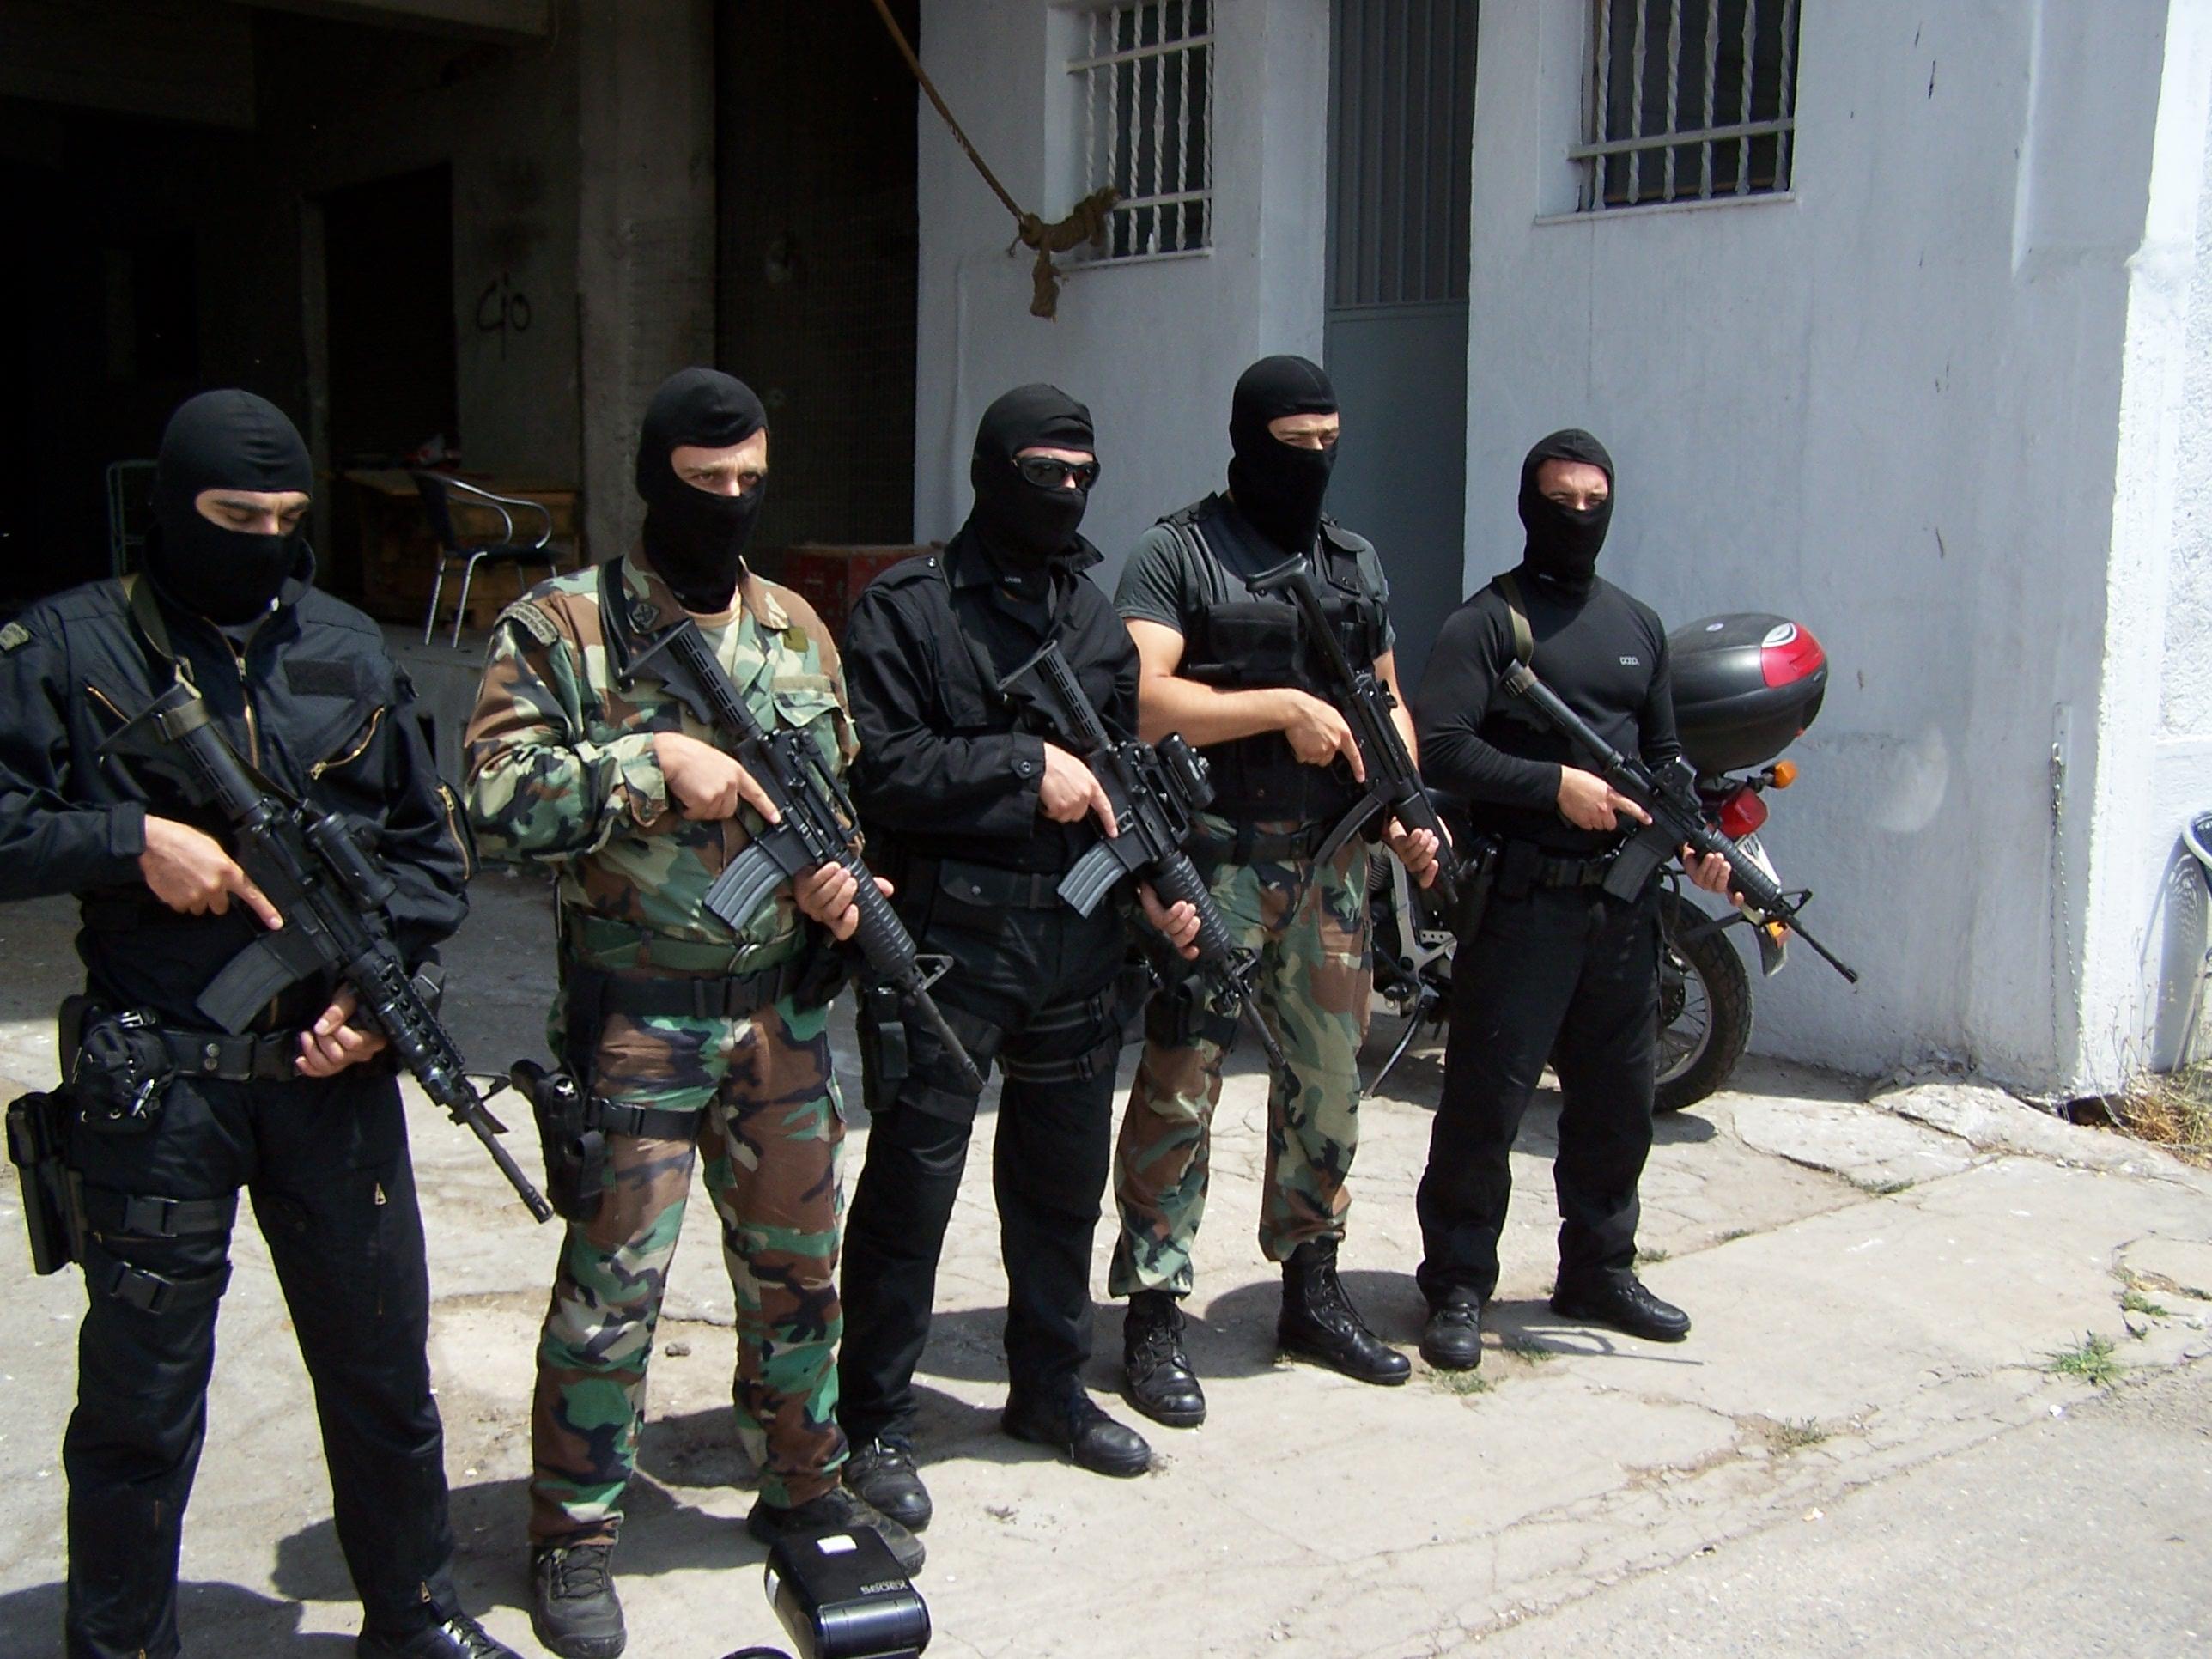 Τα κομάντο της «ΜΥΑ Ο.Ε.Α 2» του Λ/Σ στην Επιχείρηση Καταδίωξης ( φωτό)…Αποτέλεσμα : «10,6 τόνους χασίσι και 10 Συλλήψεις!»